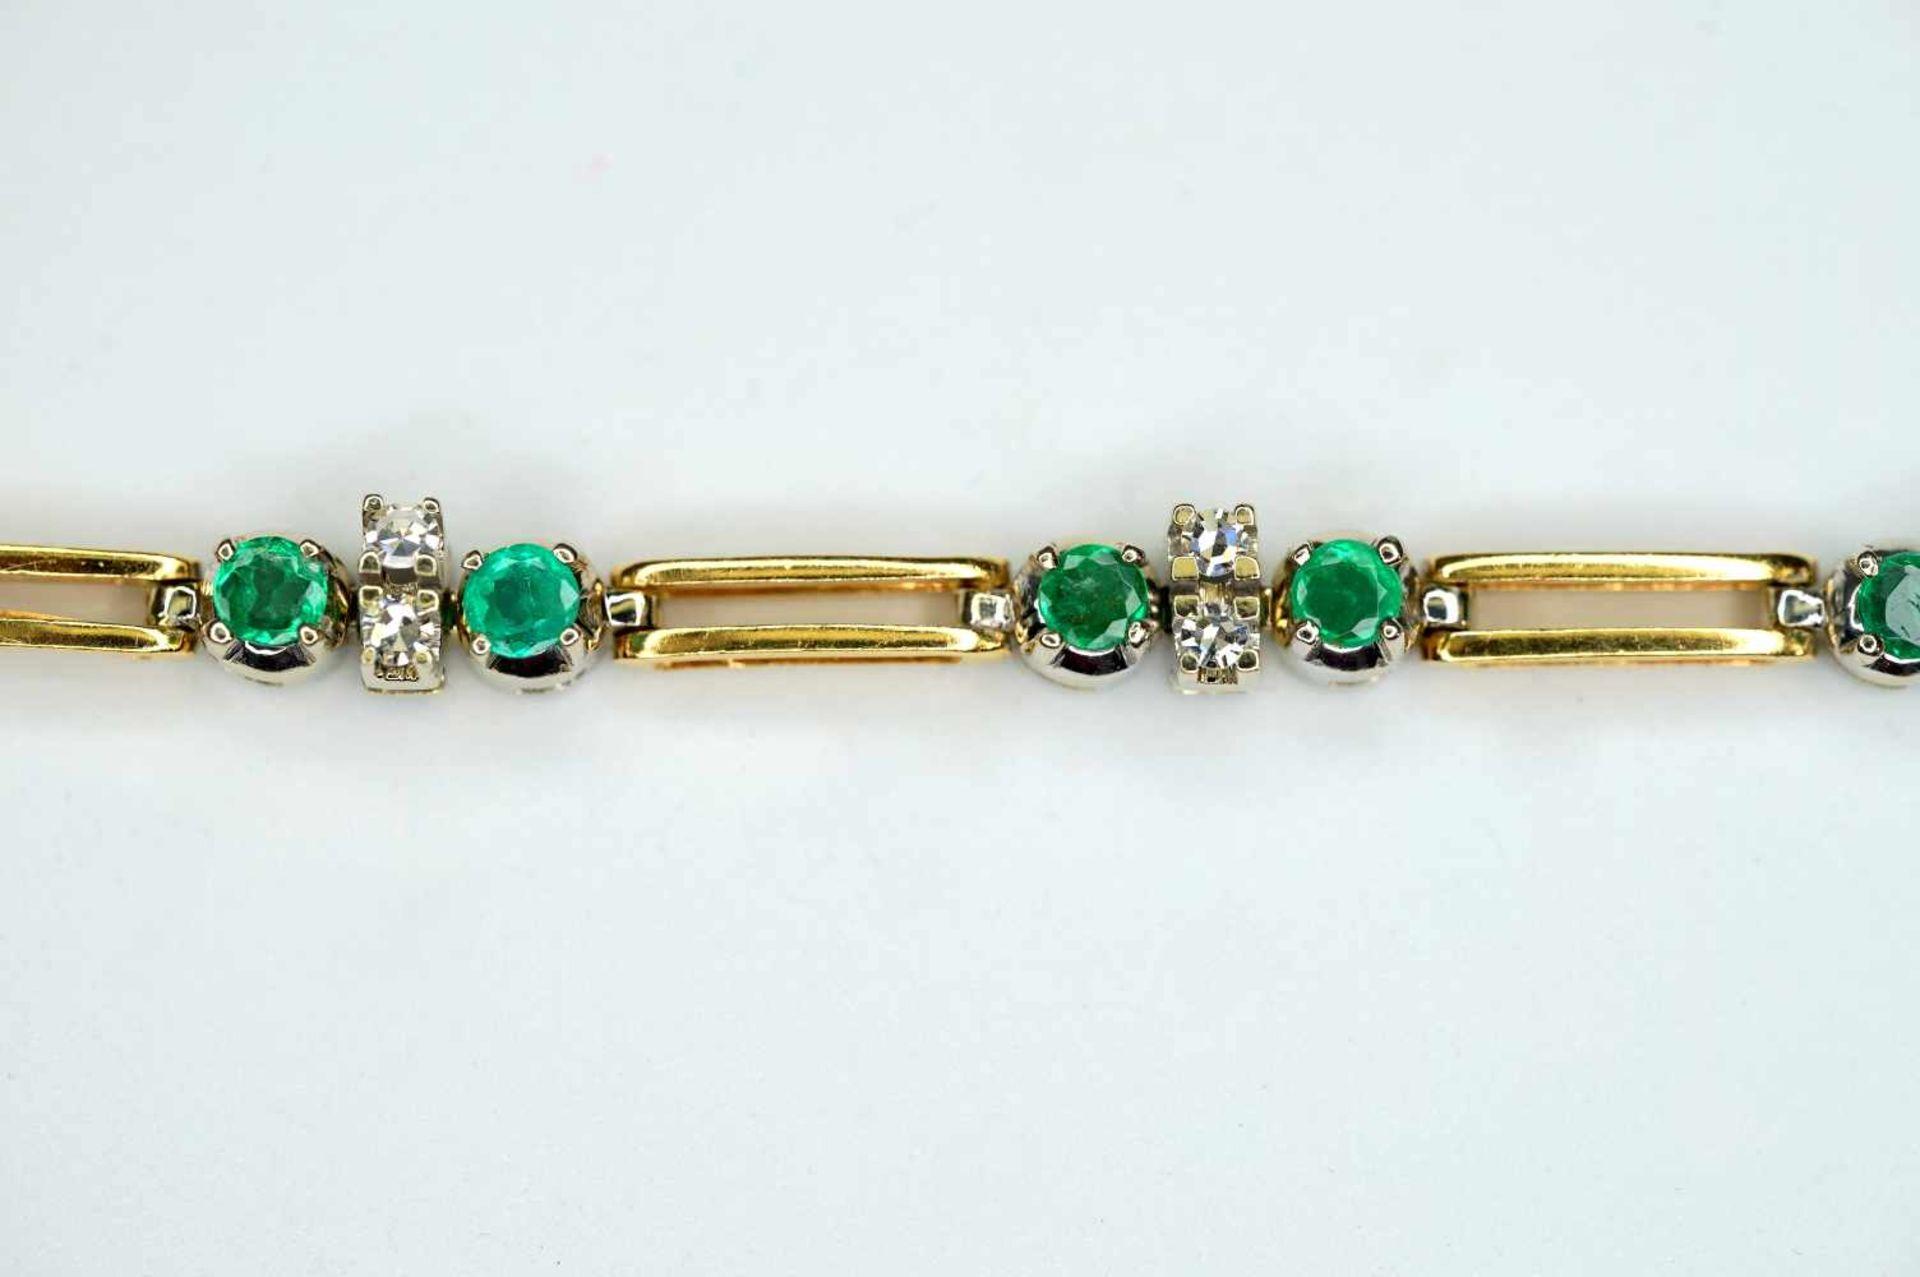 Damenarmband18 K Weiß- und Gelbgold. Feingegliedertes Armband. Smaragde und Diamanten - Image 2 of 2